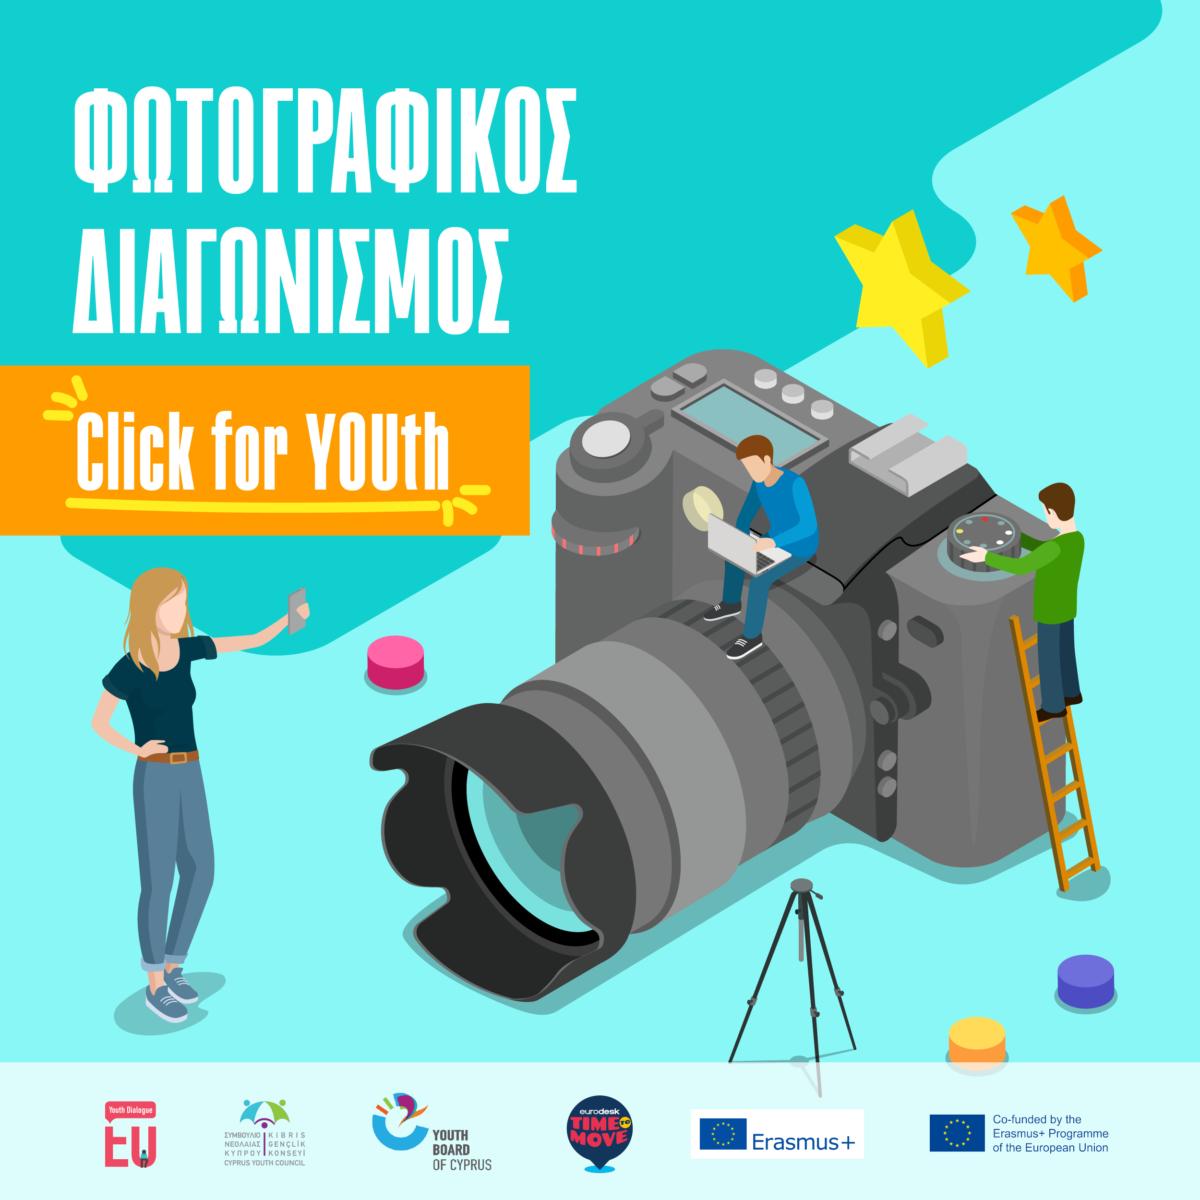 Διαγωνισμός Φωτογραφίας «Ευρωπαϊκού Διαλόγου με τη Νεολαία» Θέμα: «Click for YOUth»